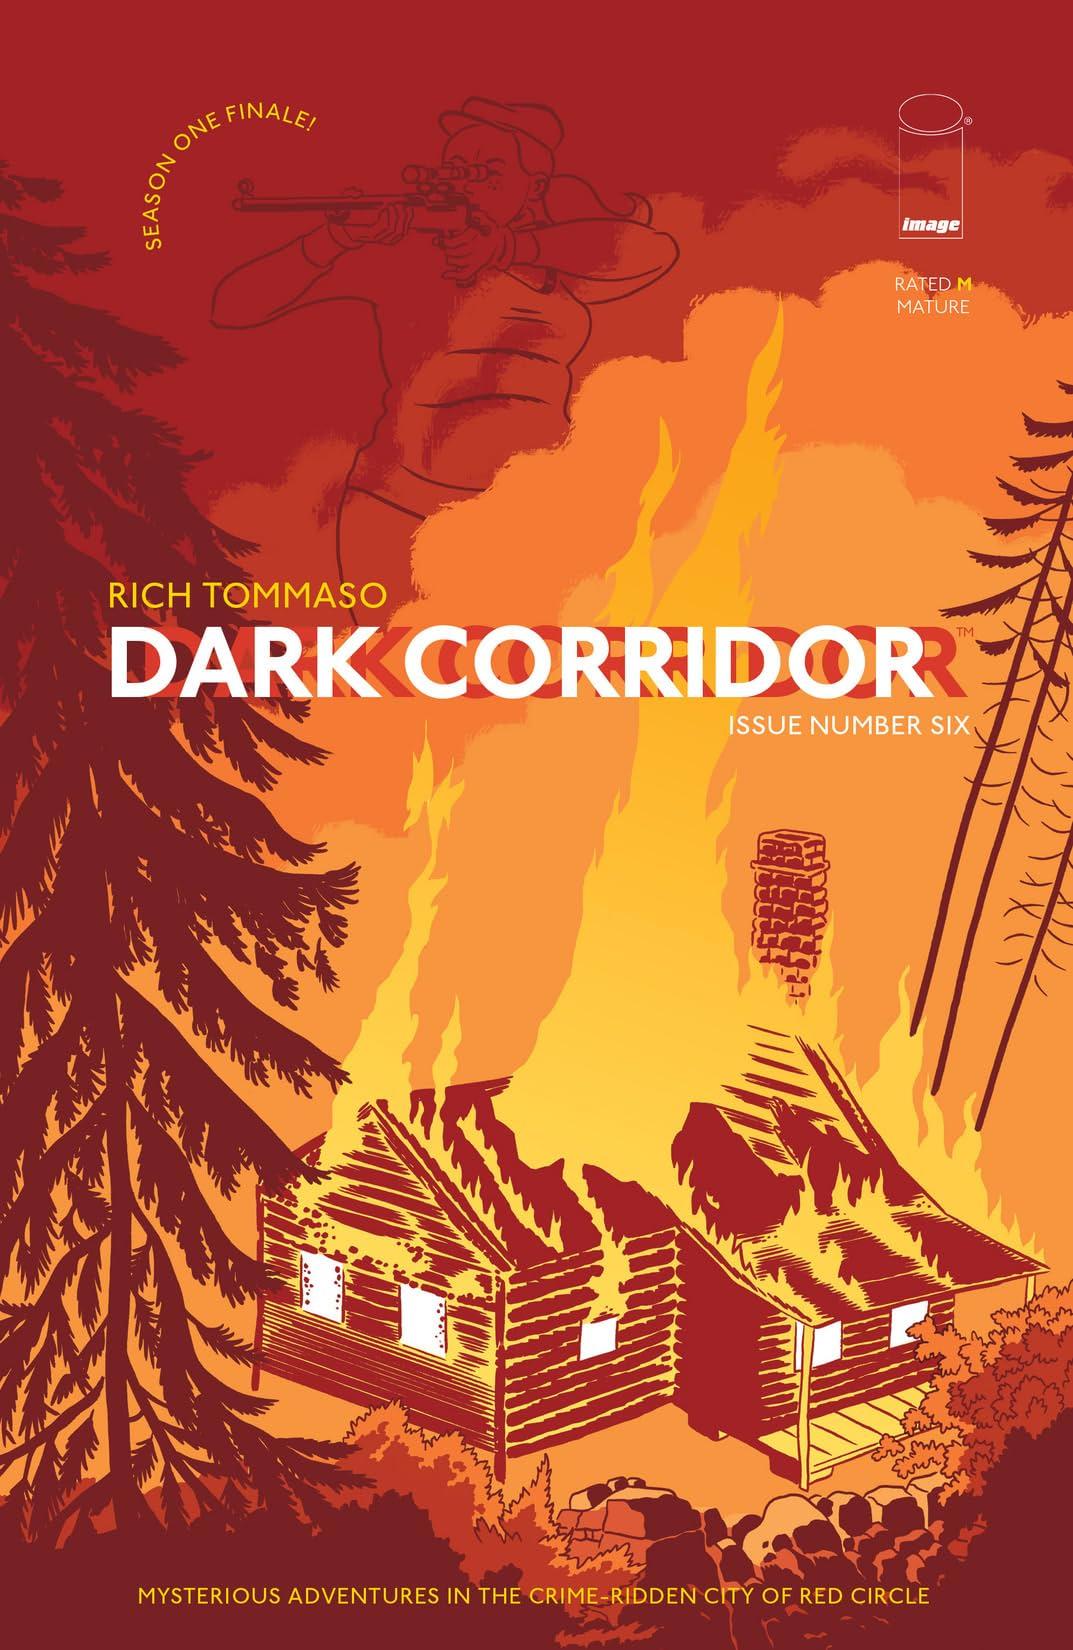 Dark Corridor #6